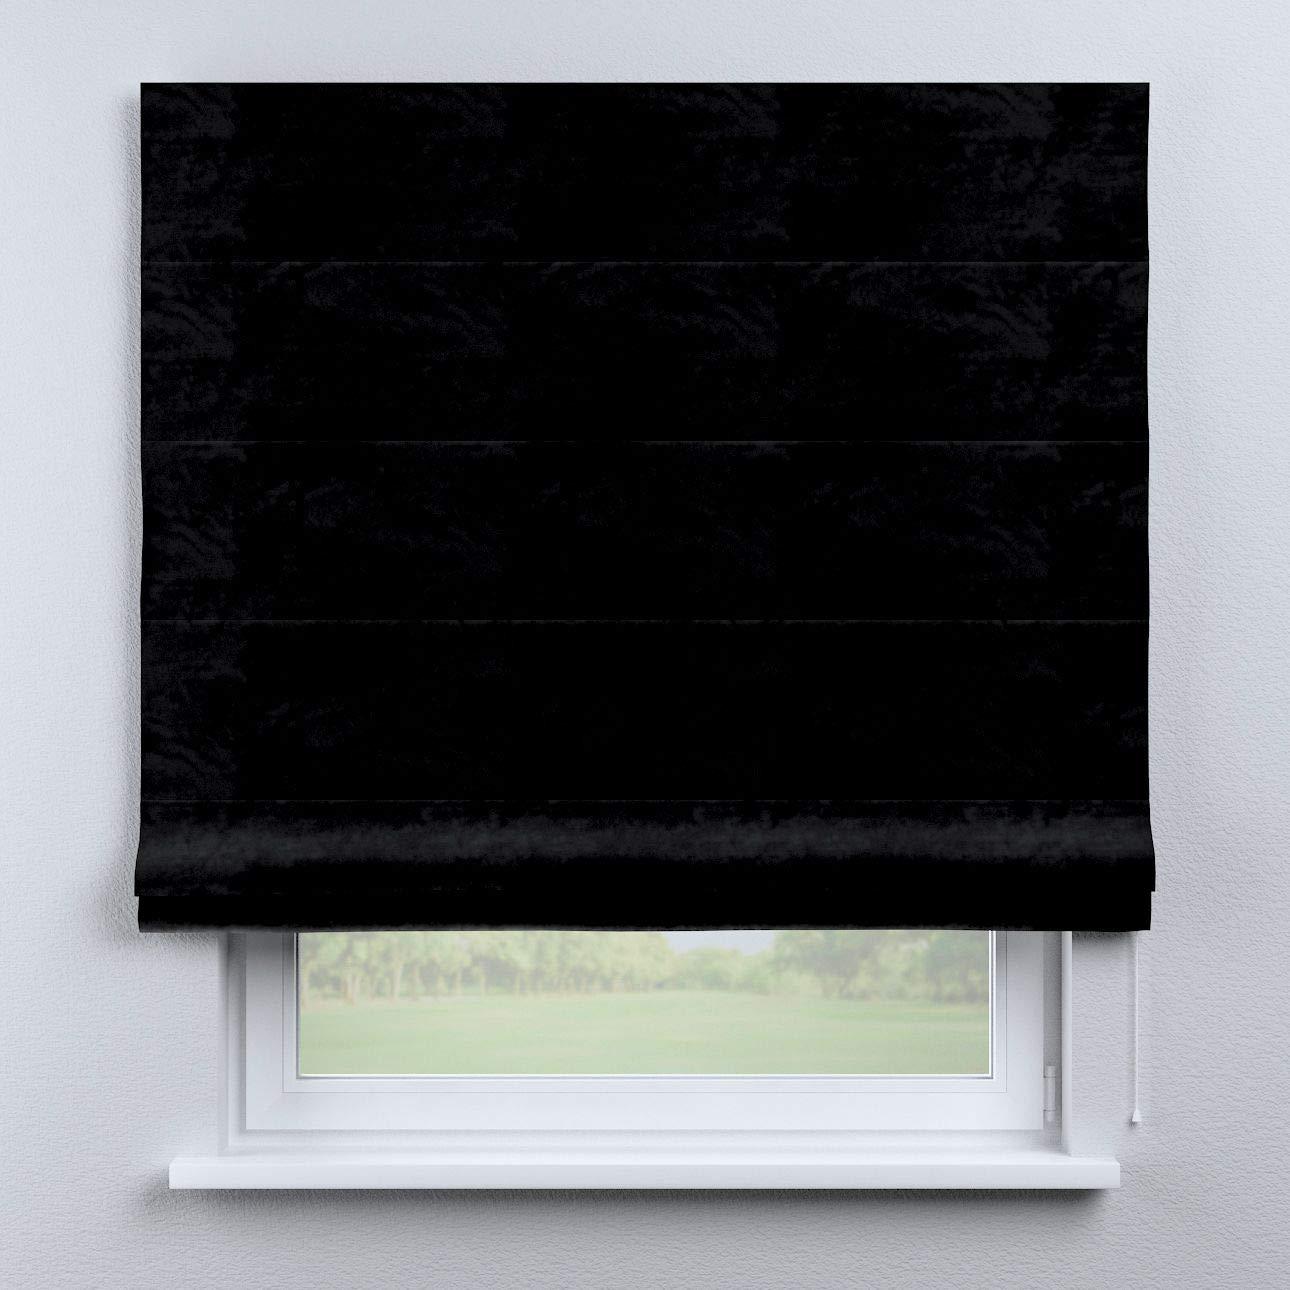 Dekoria Raffrollo Capri ohne Bohren Blickdicht Faltvorhang Raffgardine Wohnzimmer Schlafzimmer Kinderzimmer 80 × 170 cm schwarz Raffrollos auf Maß maßanfertigung möglich